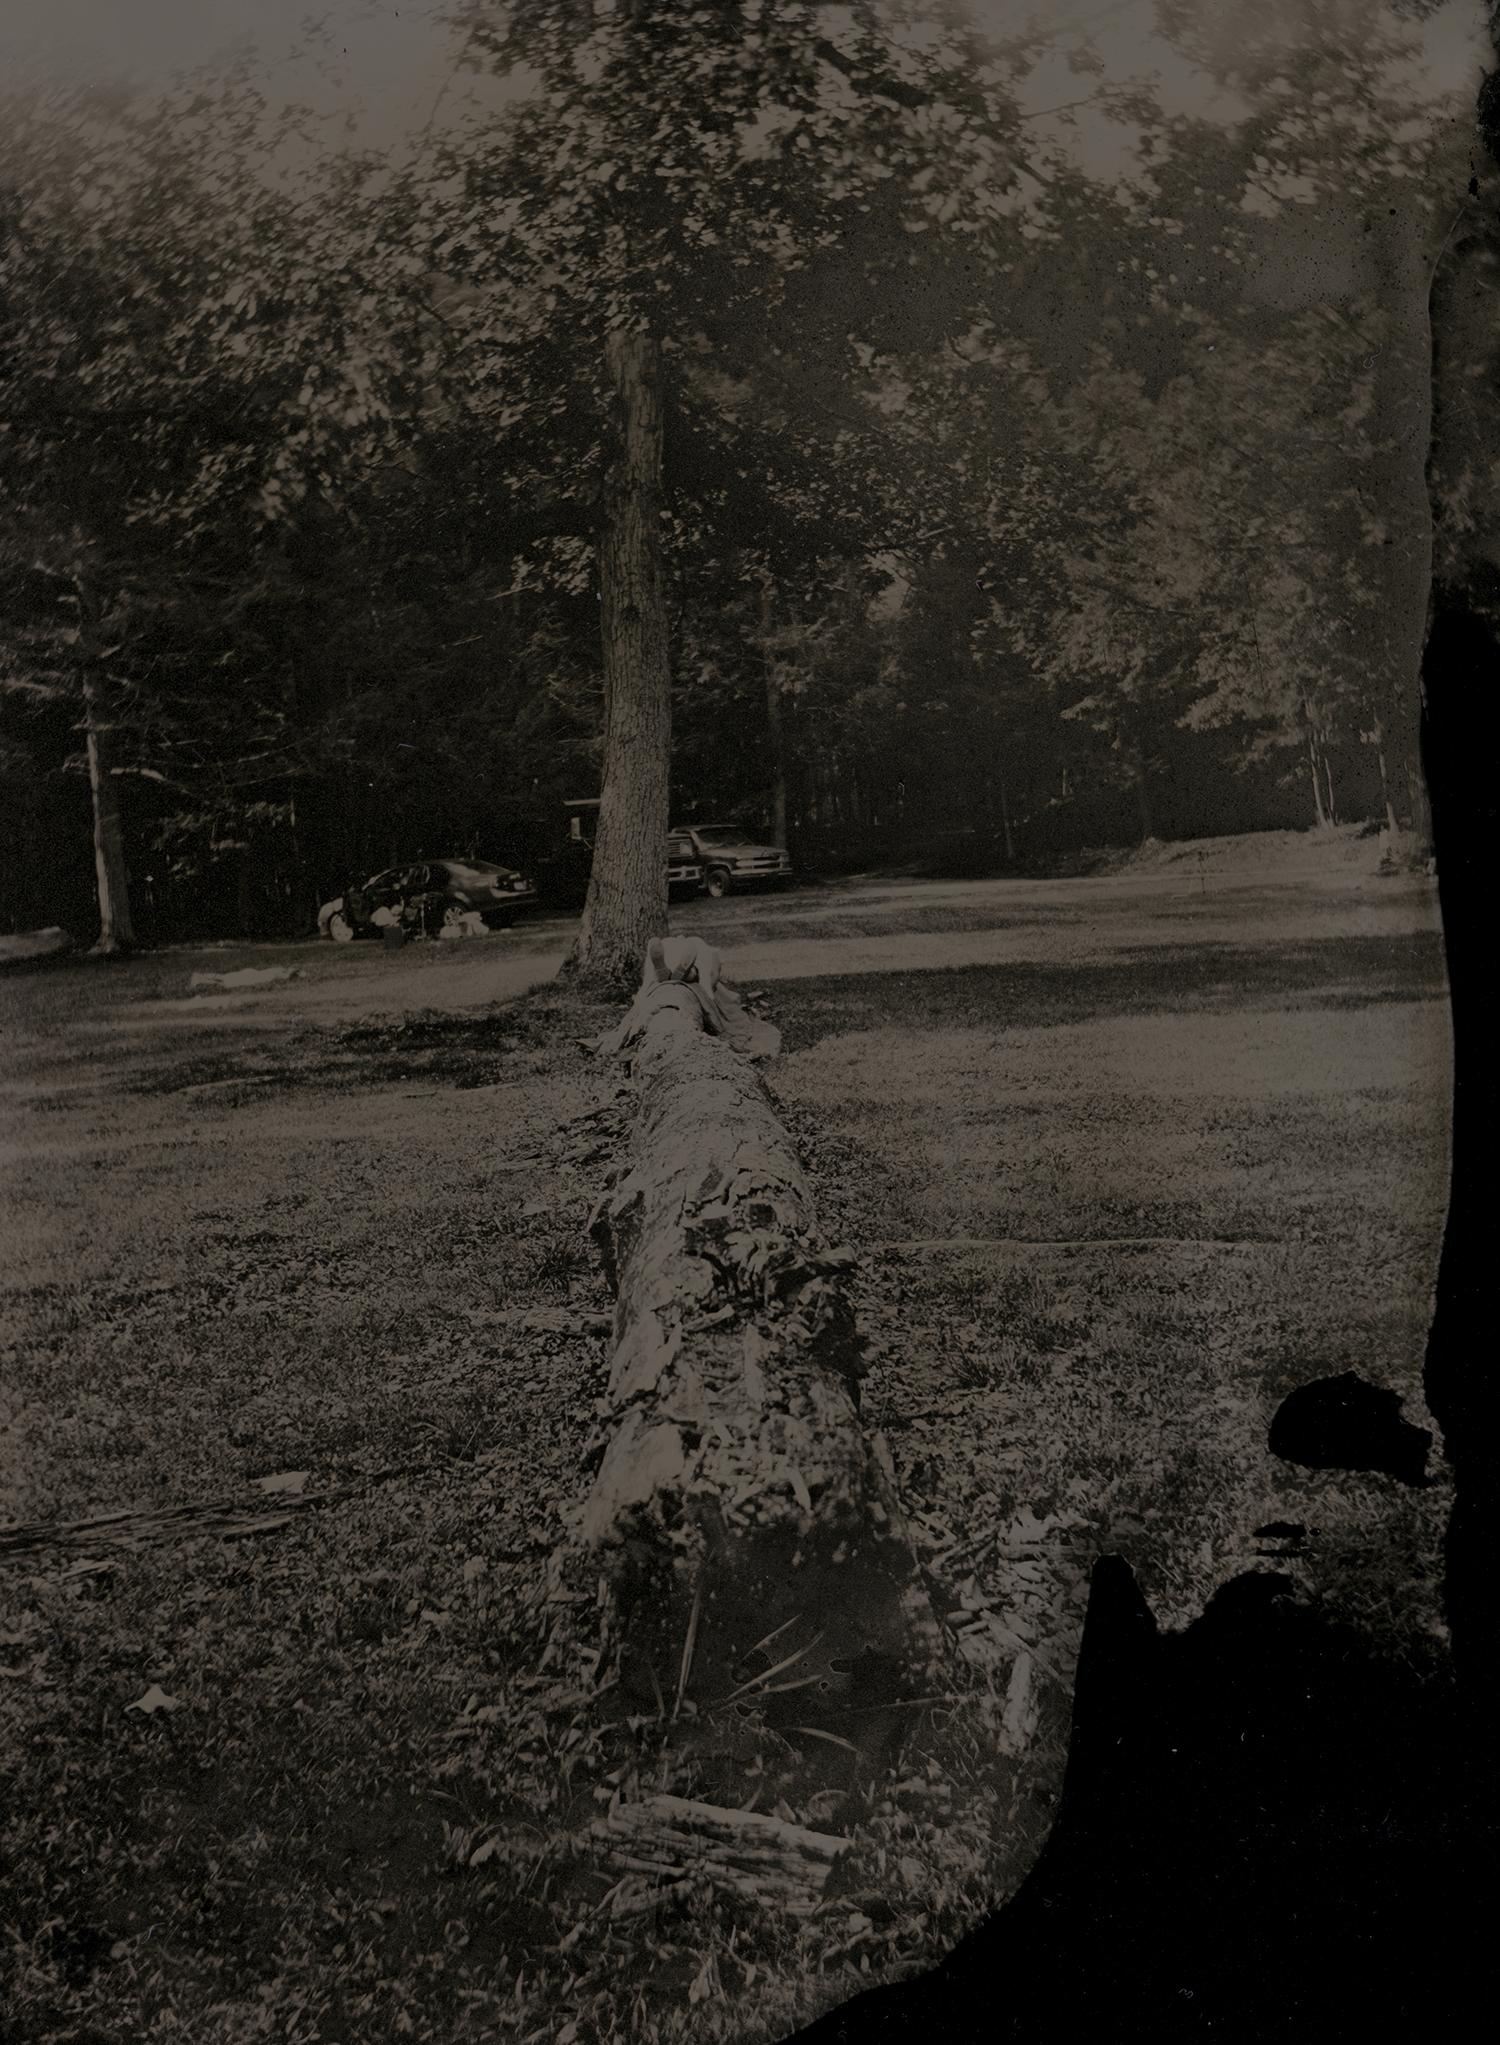 Dana-Schmerzler-tintype-self-portrait-6.jpg